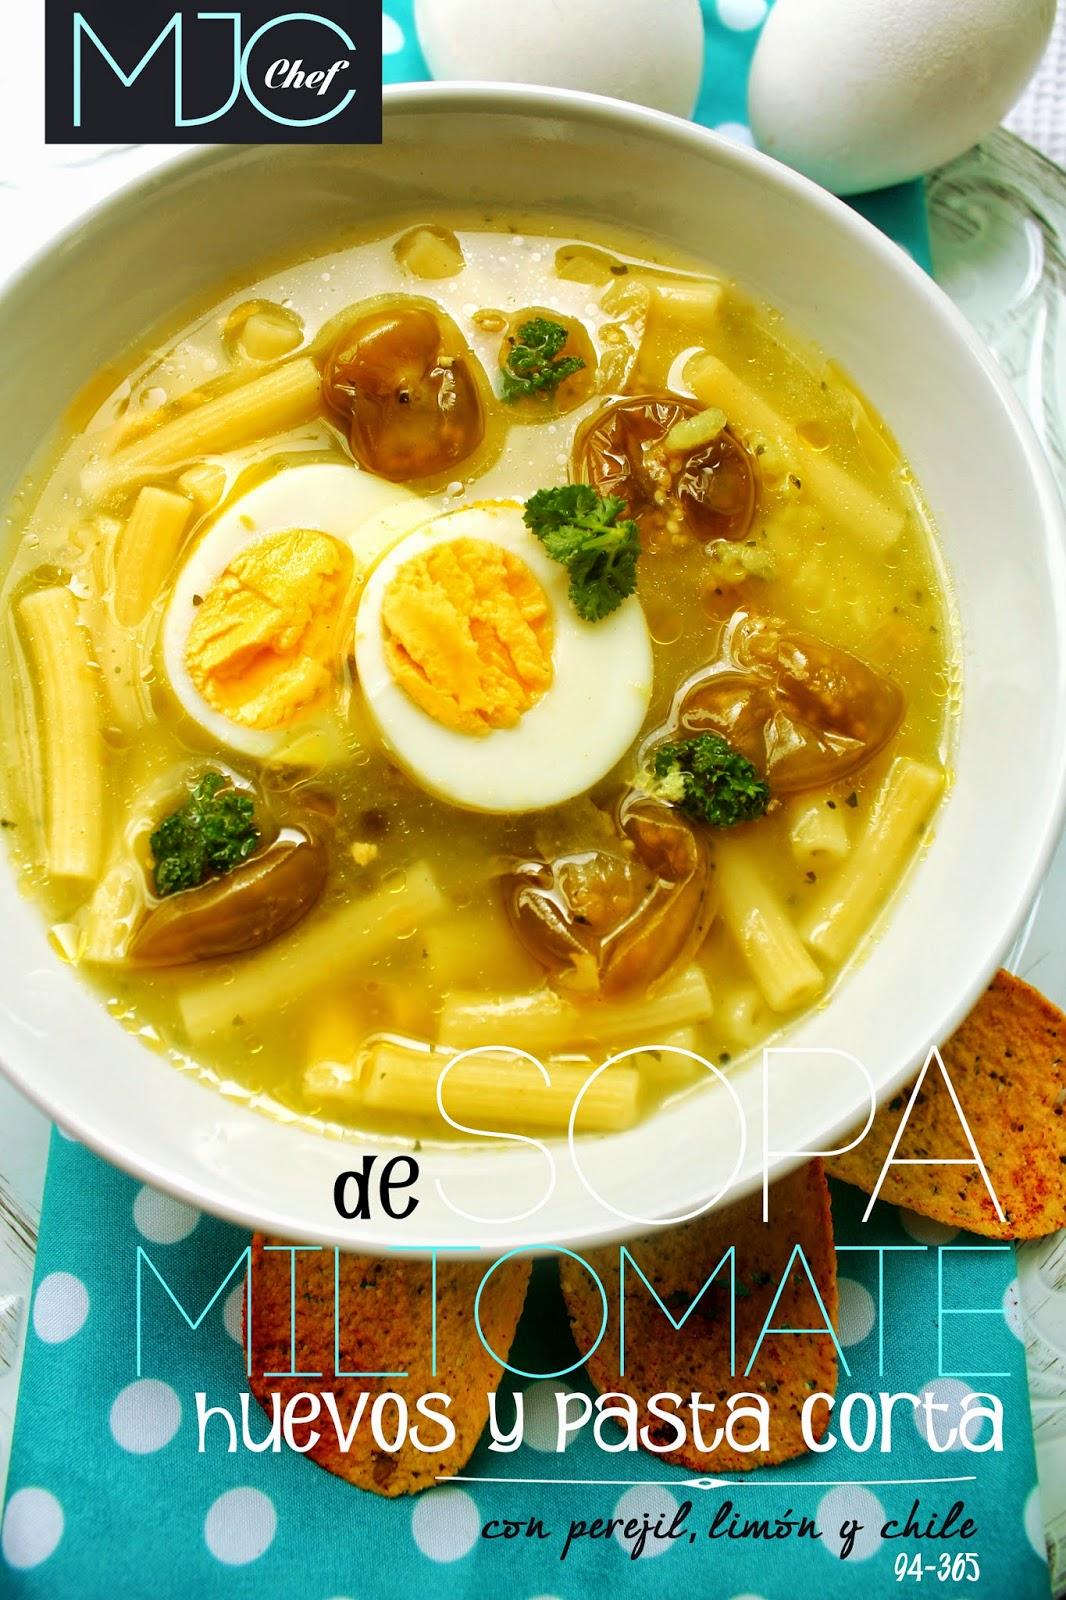 Sopa de miltomate